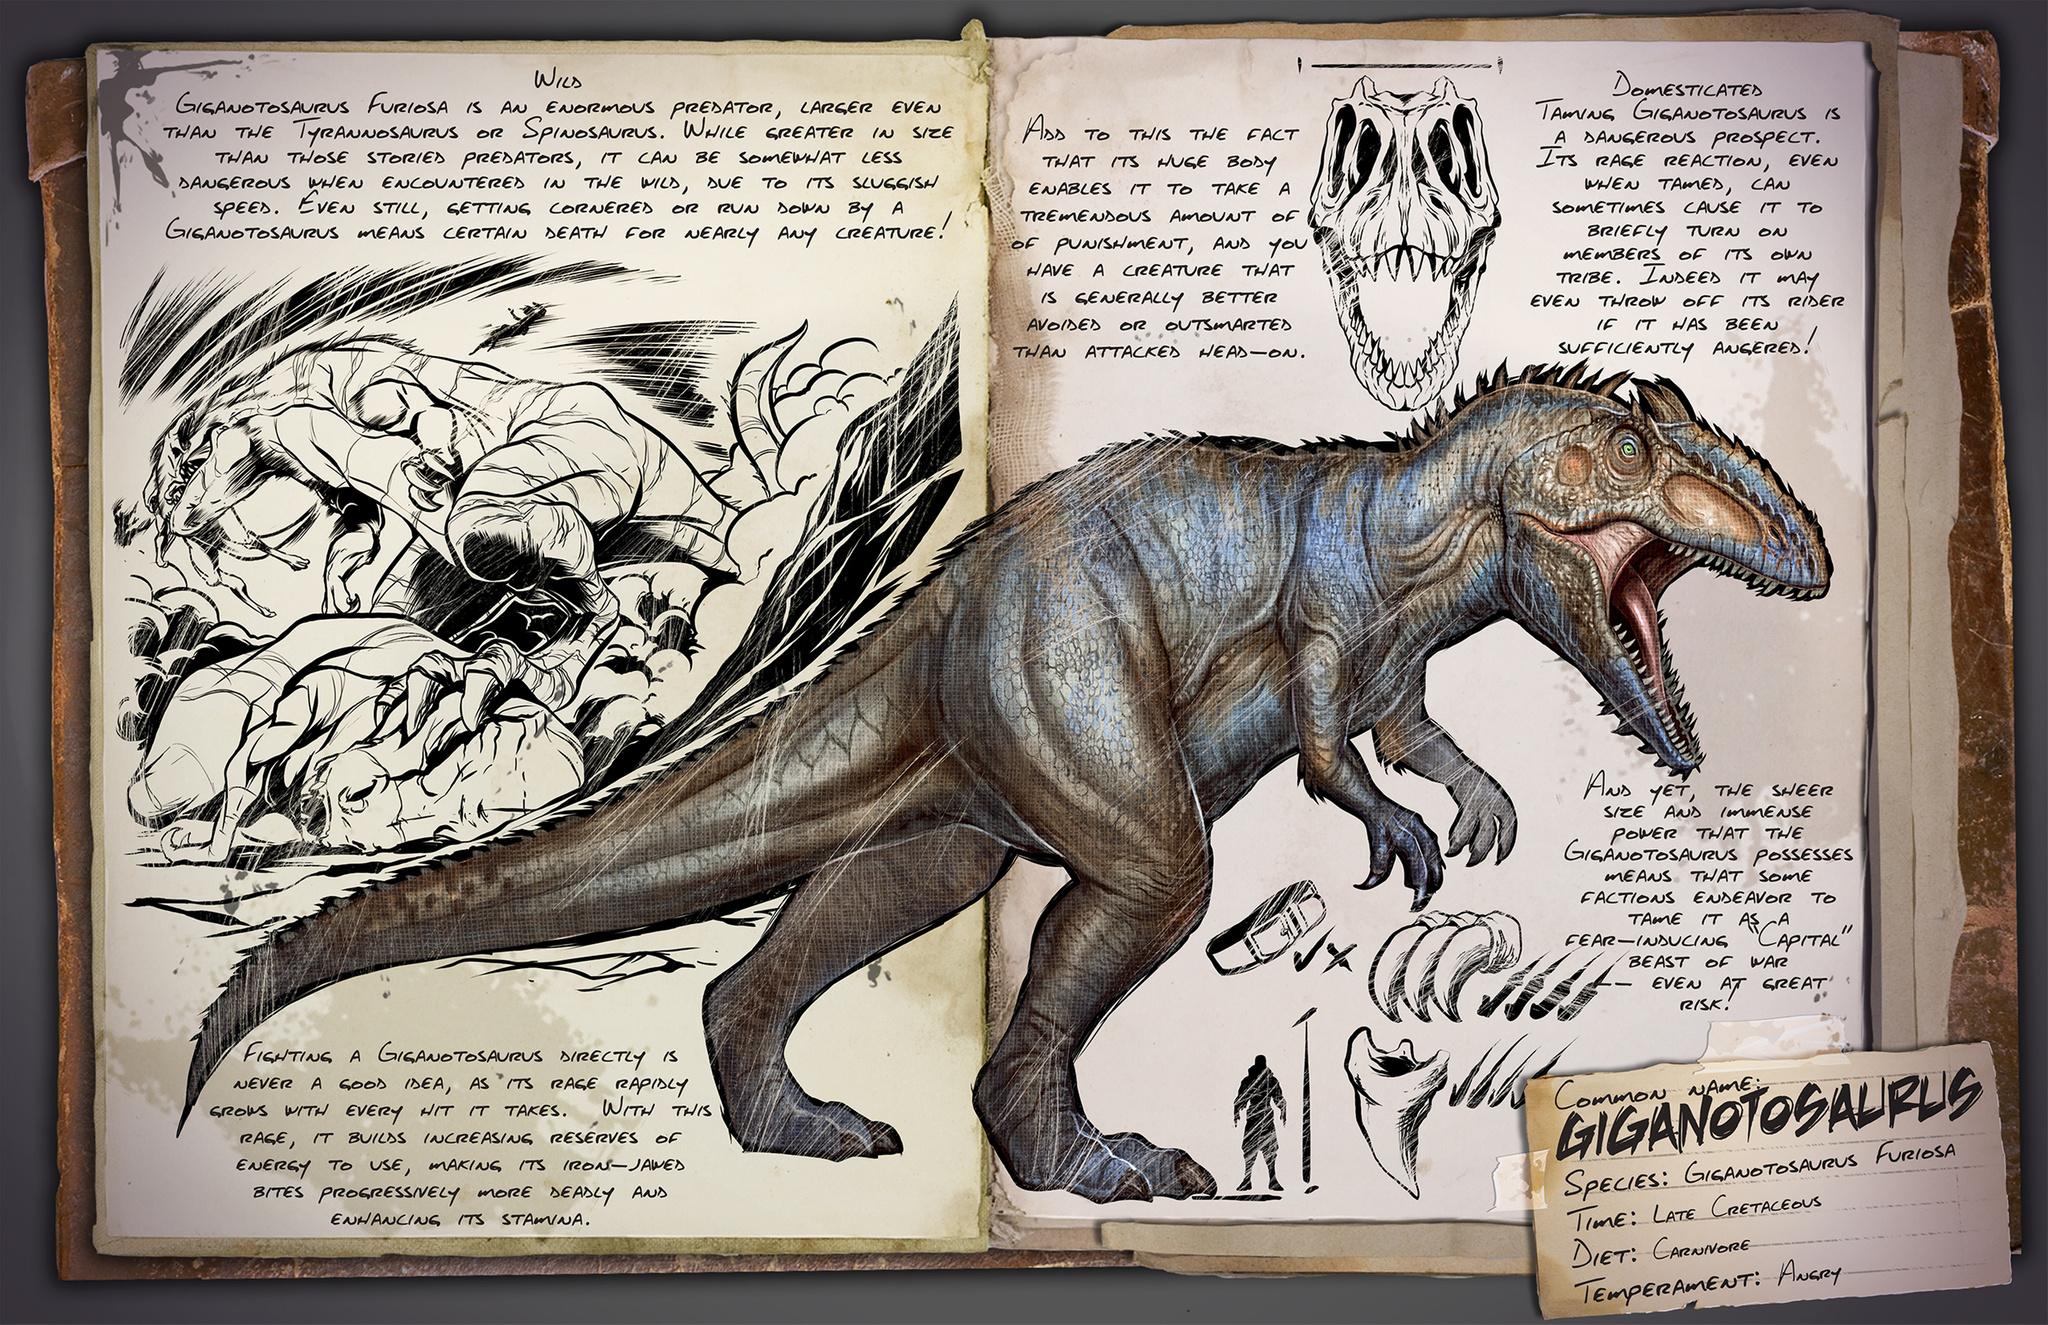 Dino Dossier: Giganotosaurus